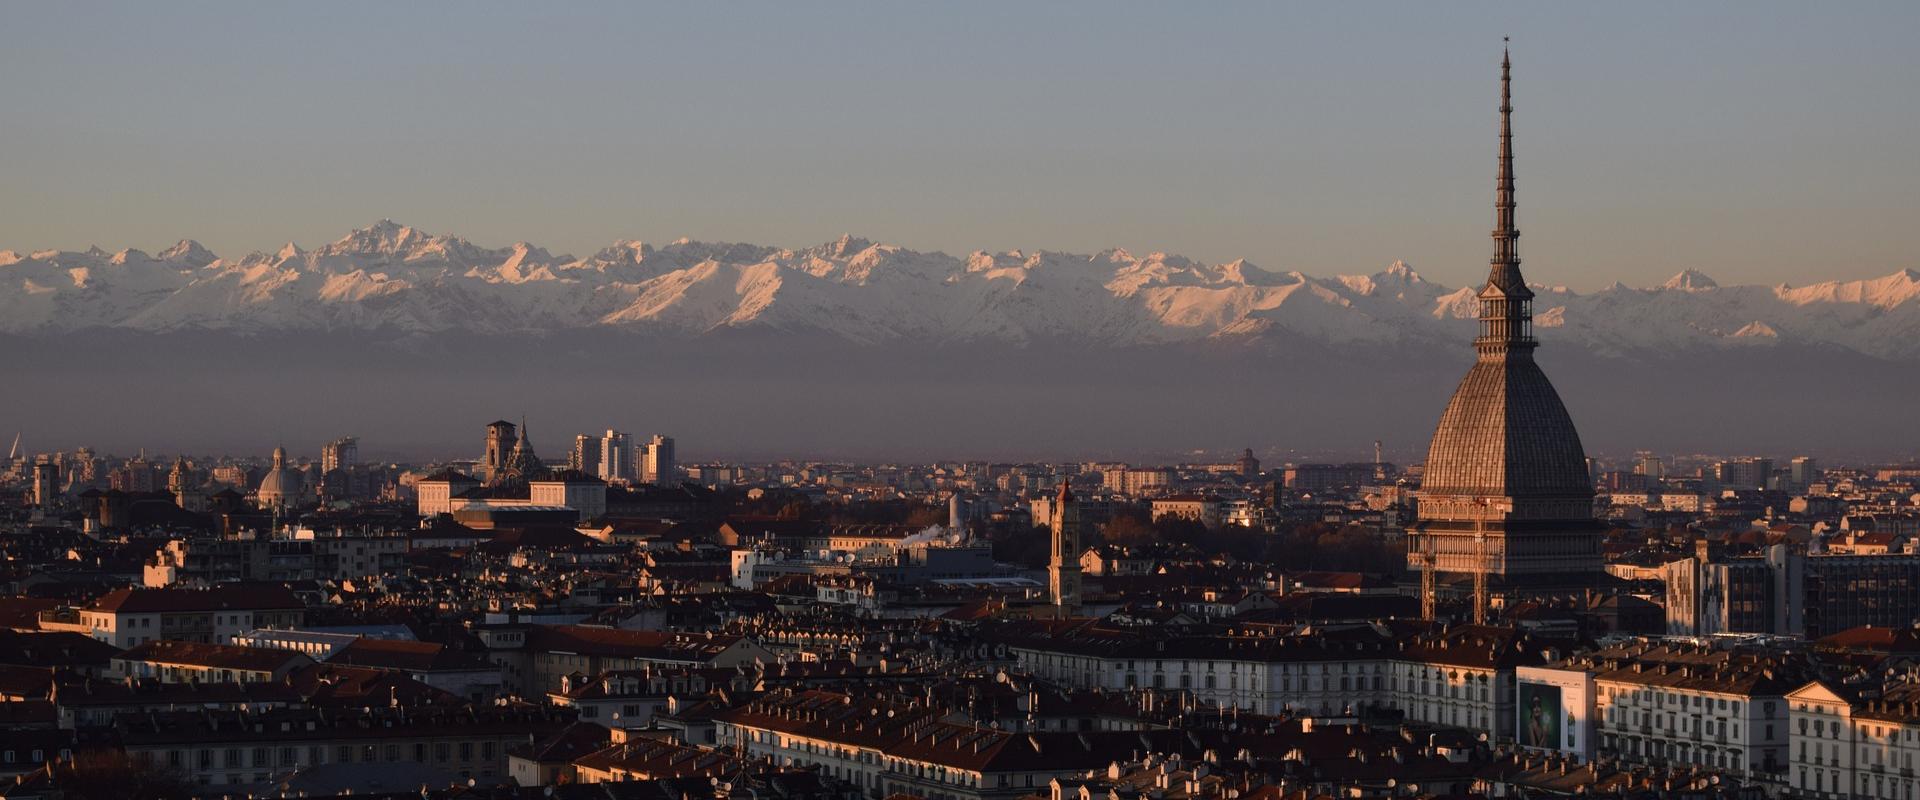 « Turin, la Royale », ville capitale